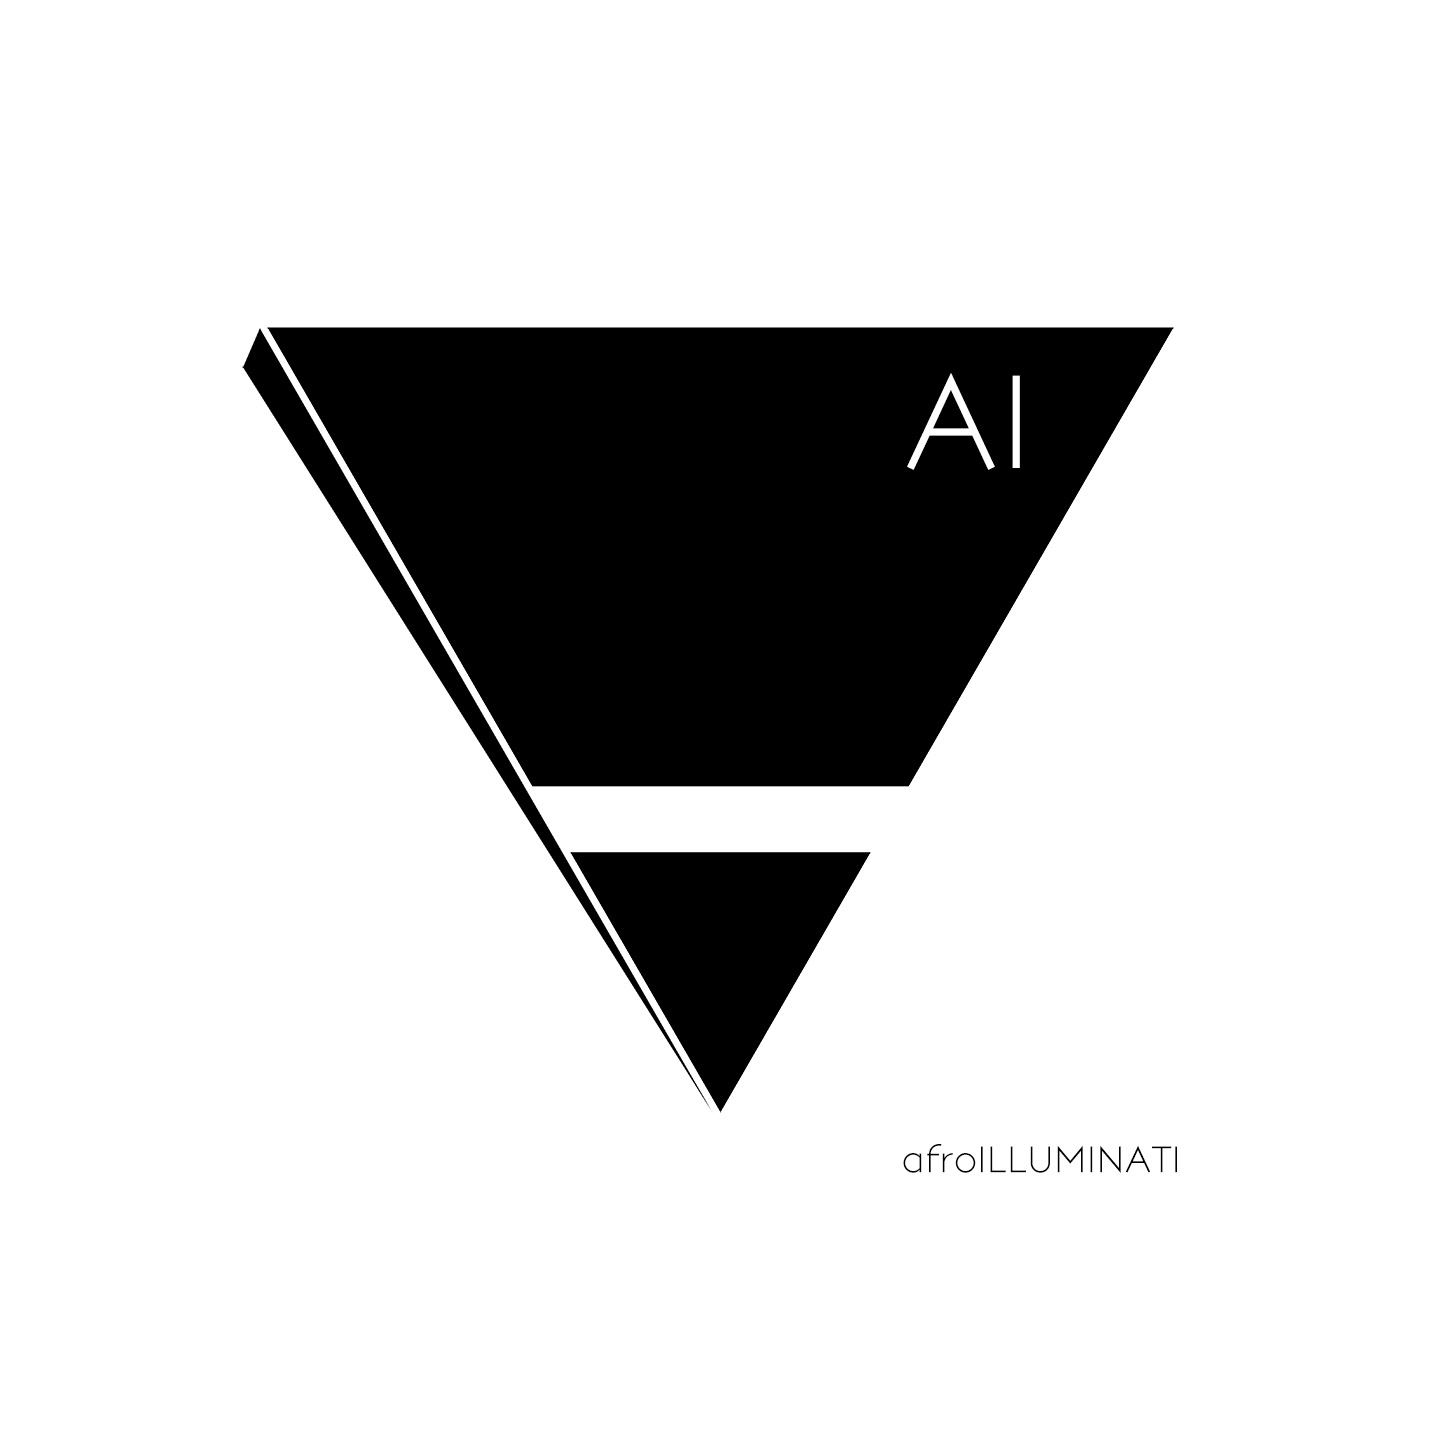 º38 SQ BRAND KEY IIIIIIIIIIIIIIIIIIIIIIIIIIIIIIII Ai 3D AI Tri Logo 1440.jpg